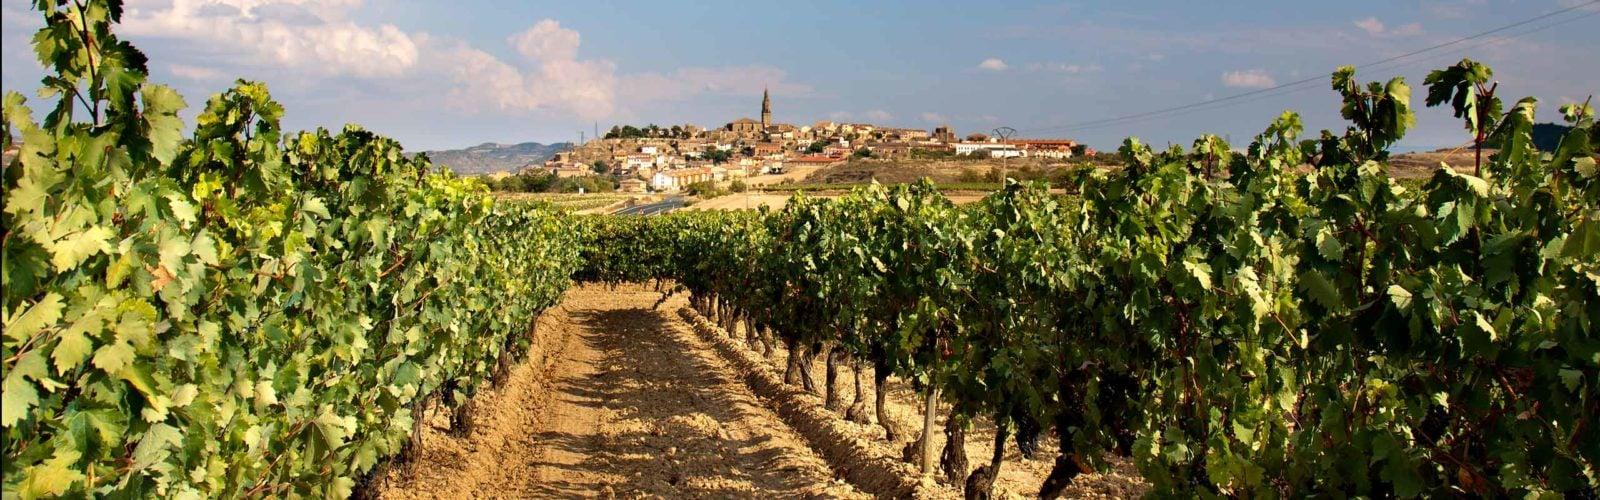 Vineyard, La Rioja, Spain